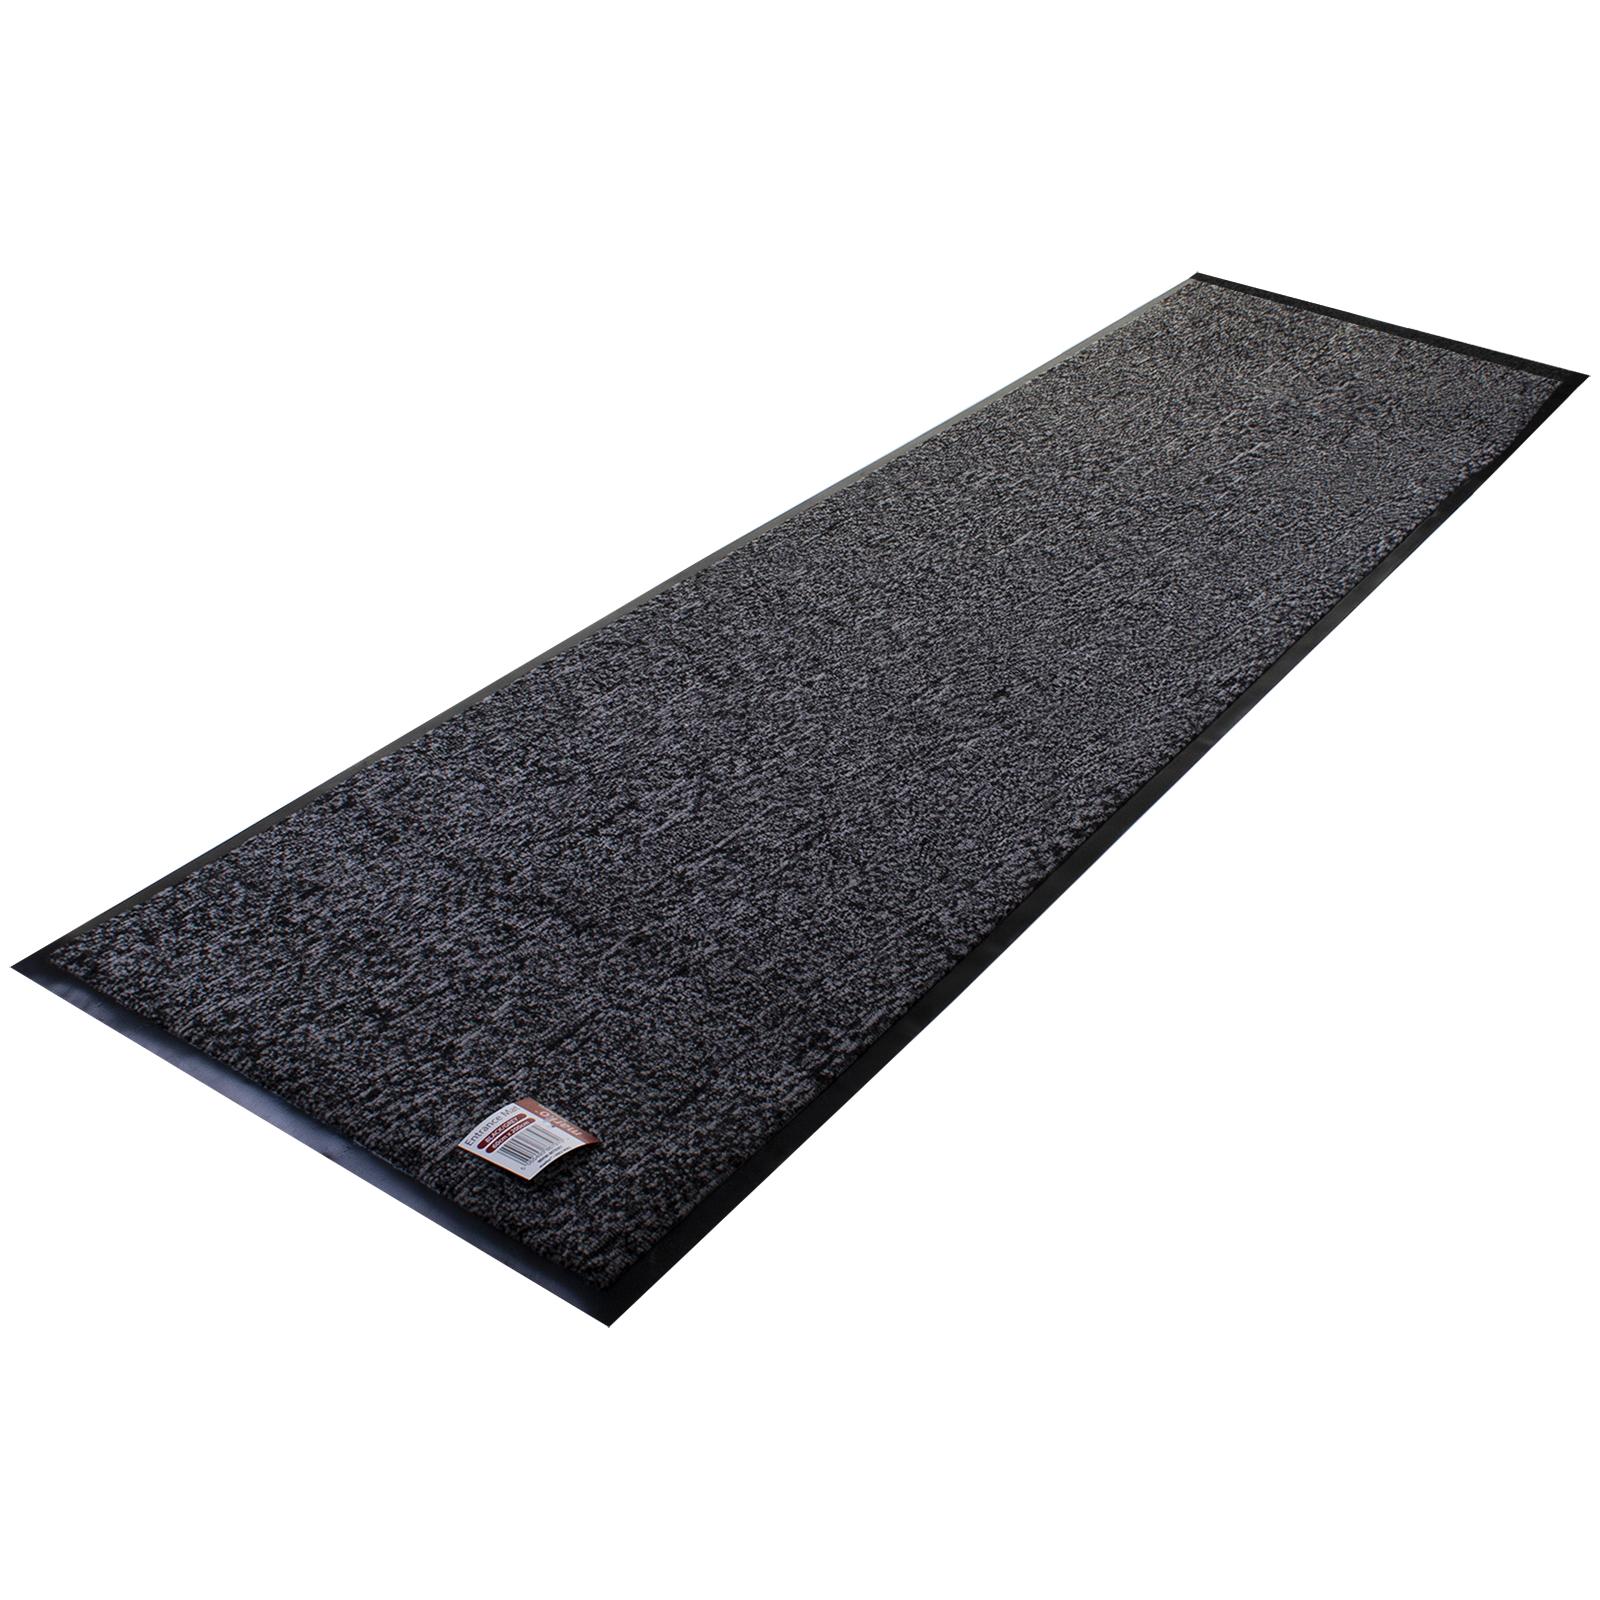 Heavy Duty Floor Mats >> Details About Heavy Duty Non Slip Rubber Doormat Runner Floor Door Mat Rug Kitchen Hall 60x200